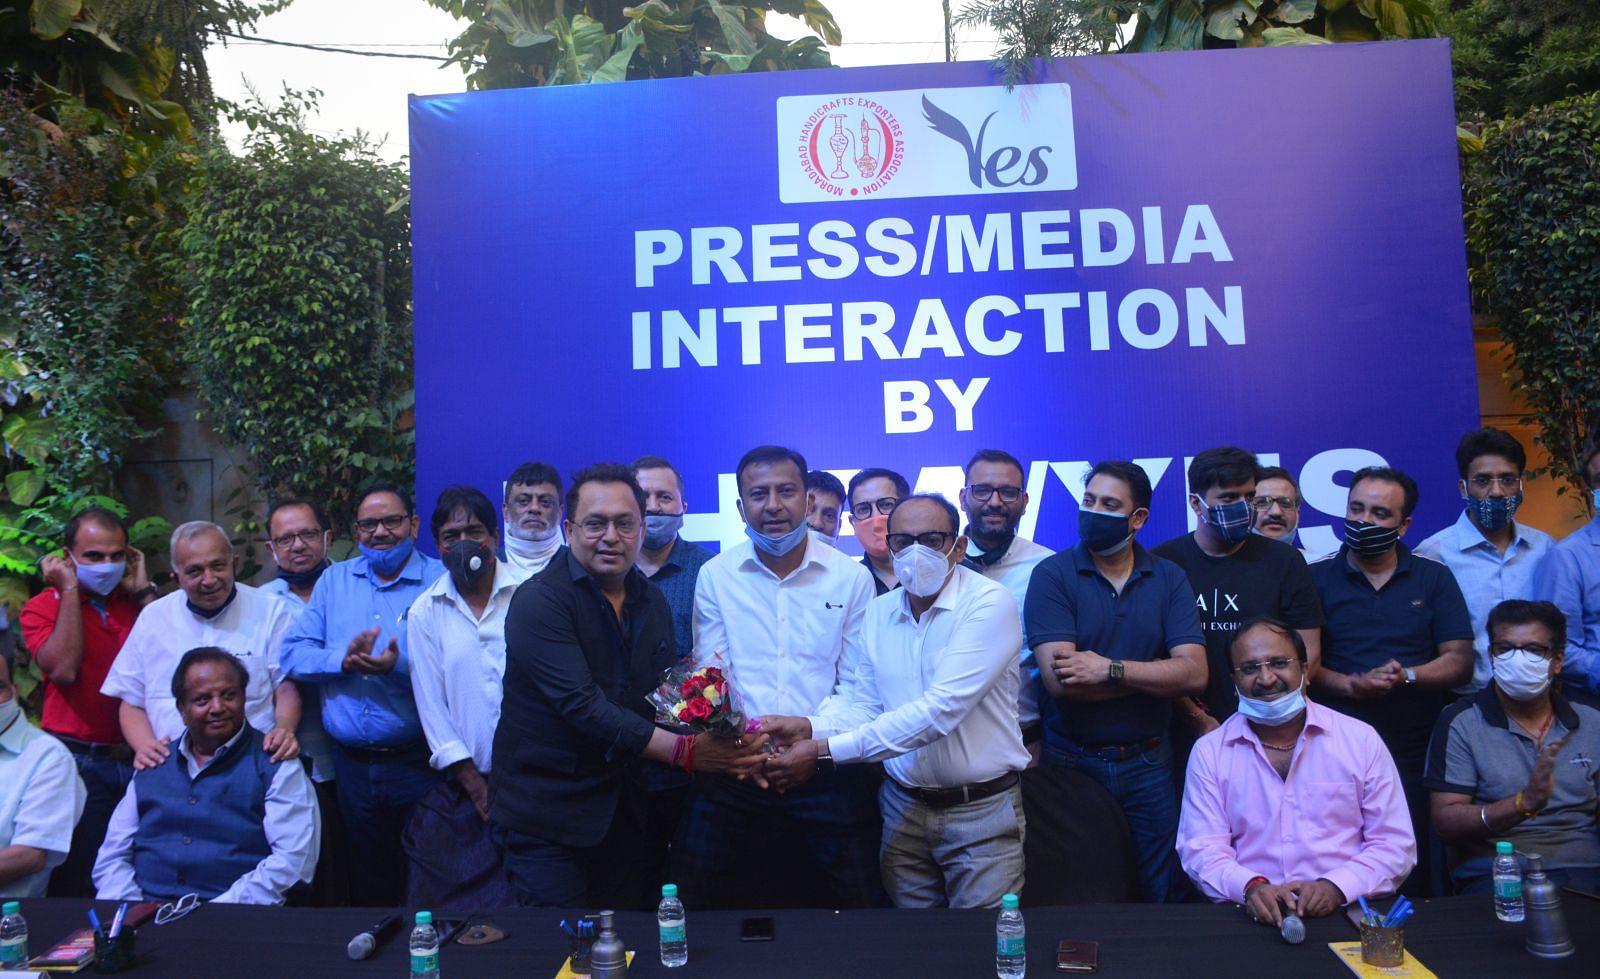 दिल्ली रोड स्थित नोदी एक्सपोर्ट में एपीसीएच के सीओए चुनाव में नीरज खन्ना मतों से विजय प्राप्त हो?